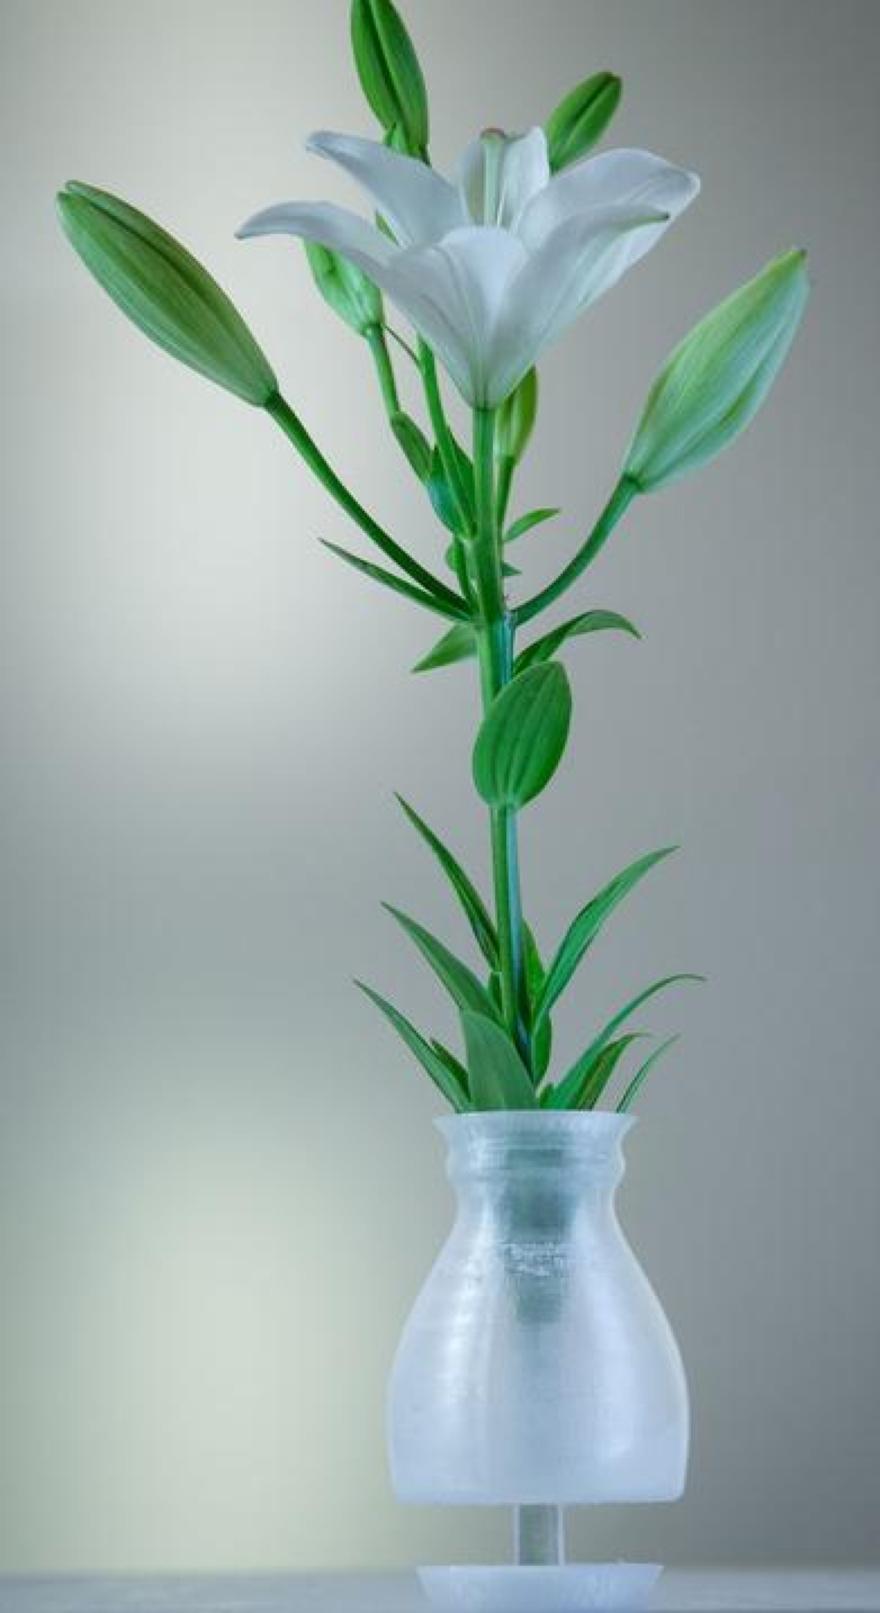 Vasi da fiori 3d printed anomaliy3 by inkinch 03